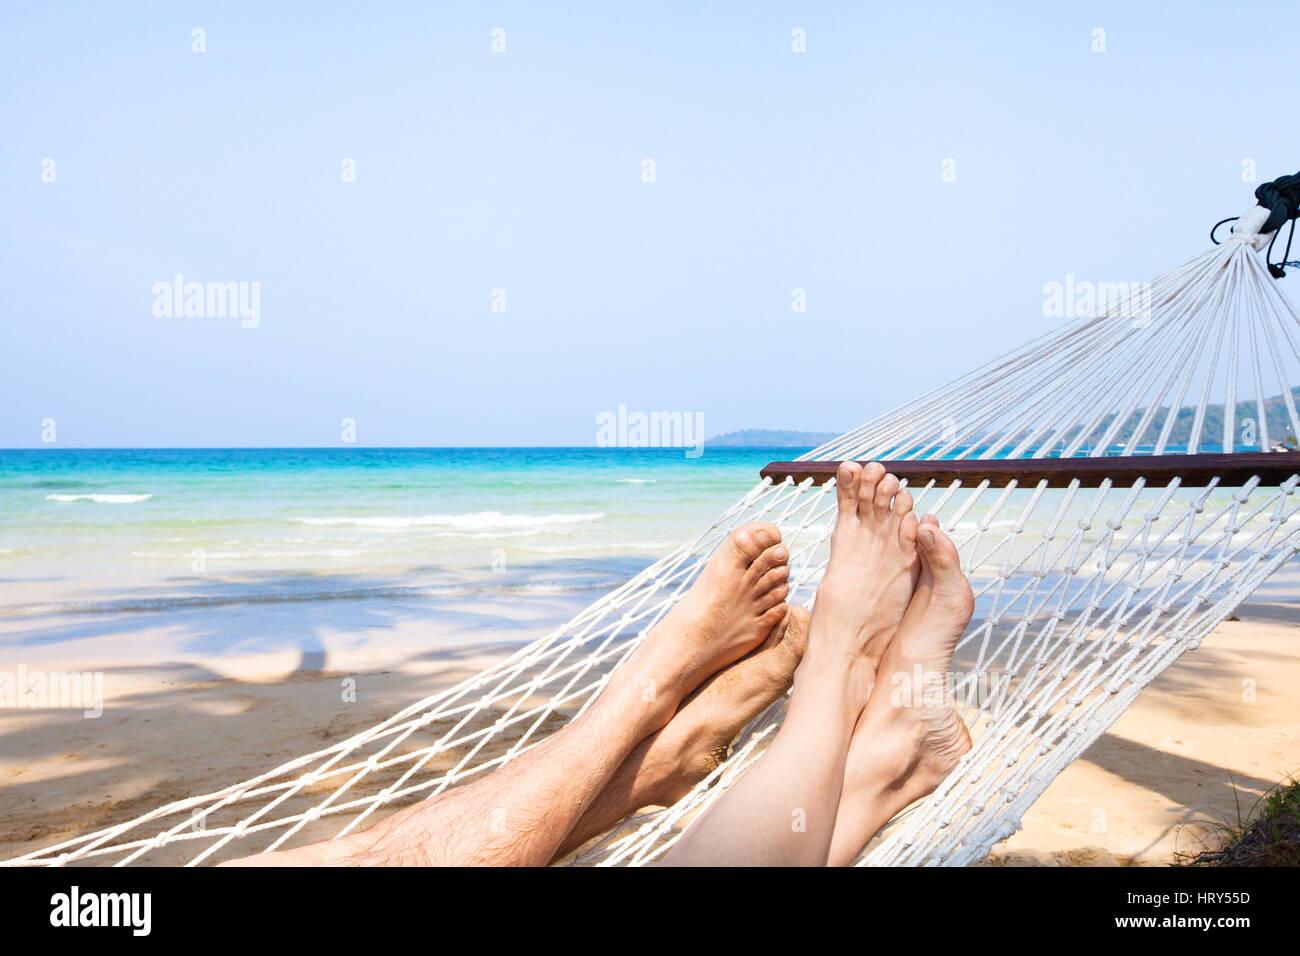 Urlaub mit der Familie am Strand, die Füße des Paares in der Hängematte, Entspannung Hintergrund Stockbild